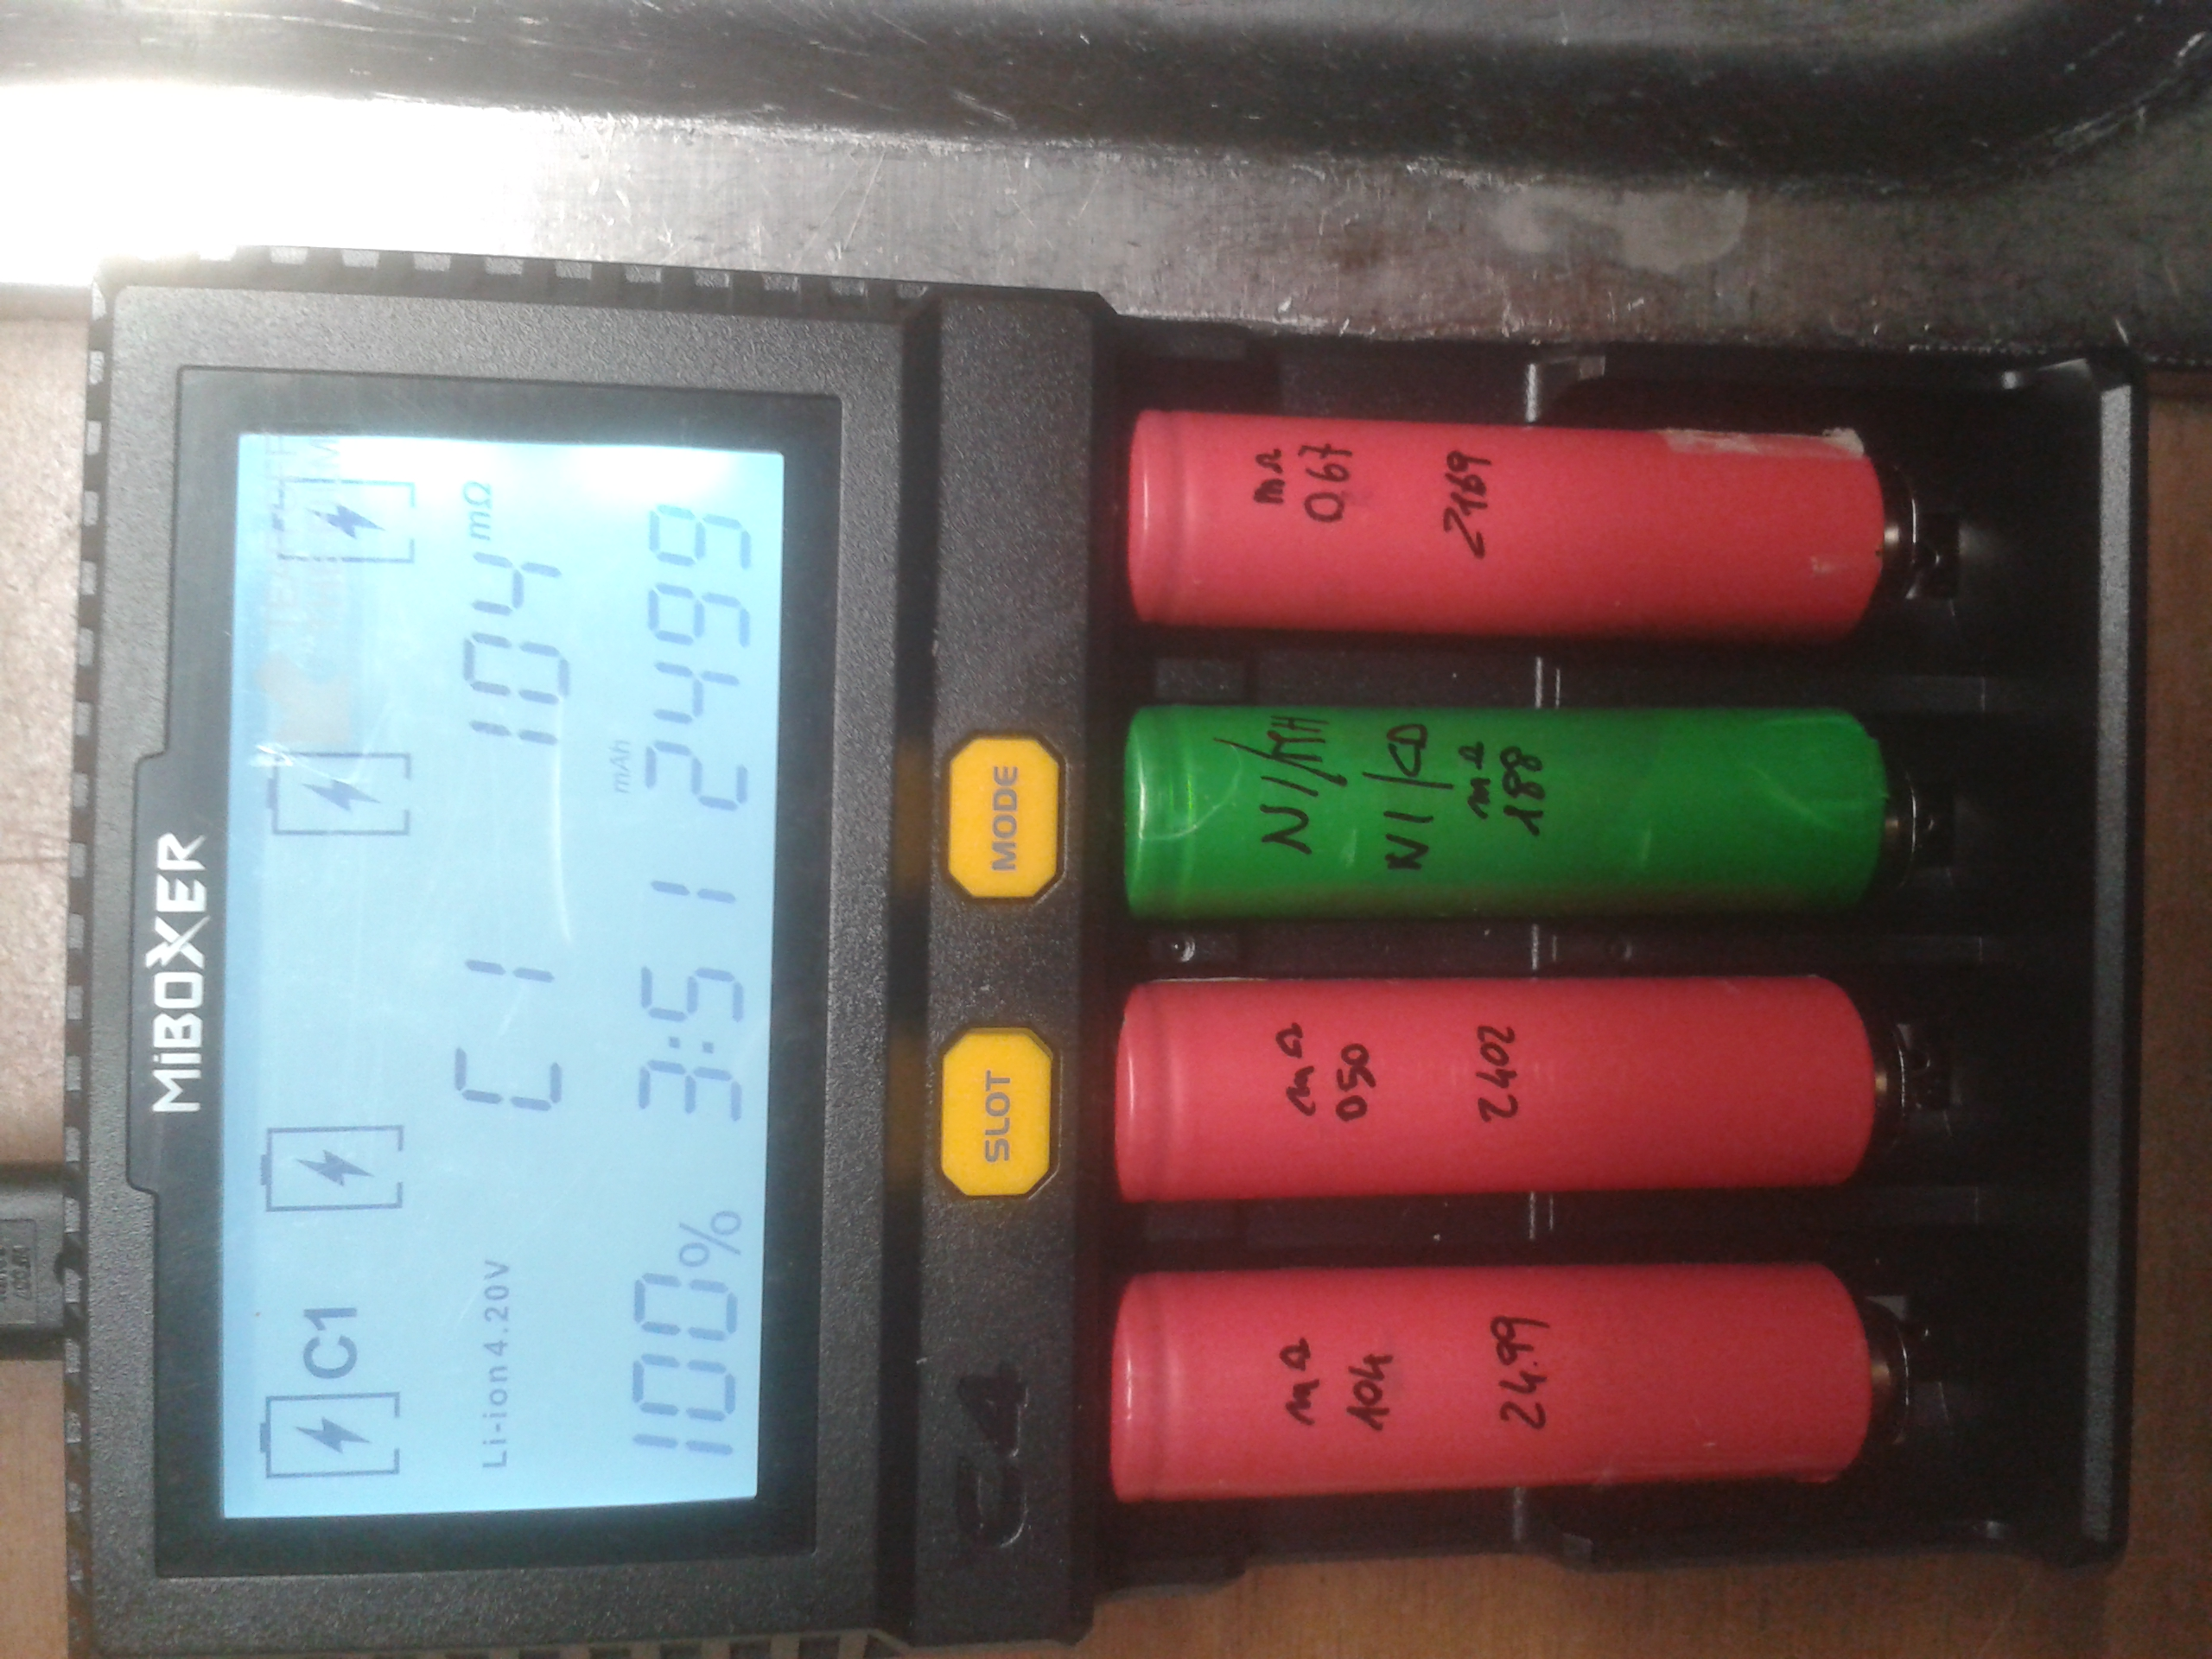 http://www.energialternativa.info/public/newforum/ForumEA/U/20200605_050846.jpg